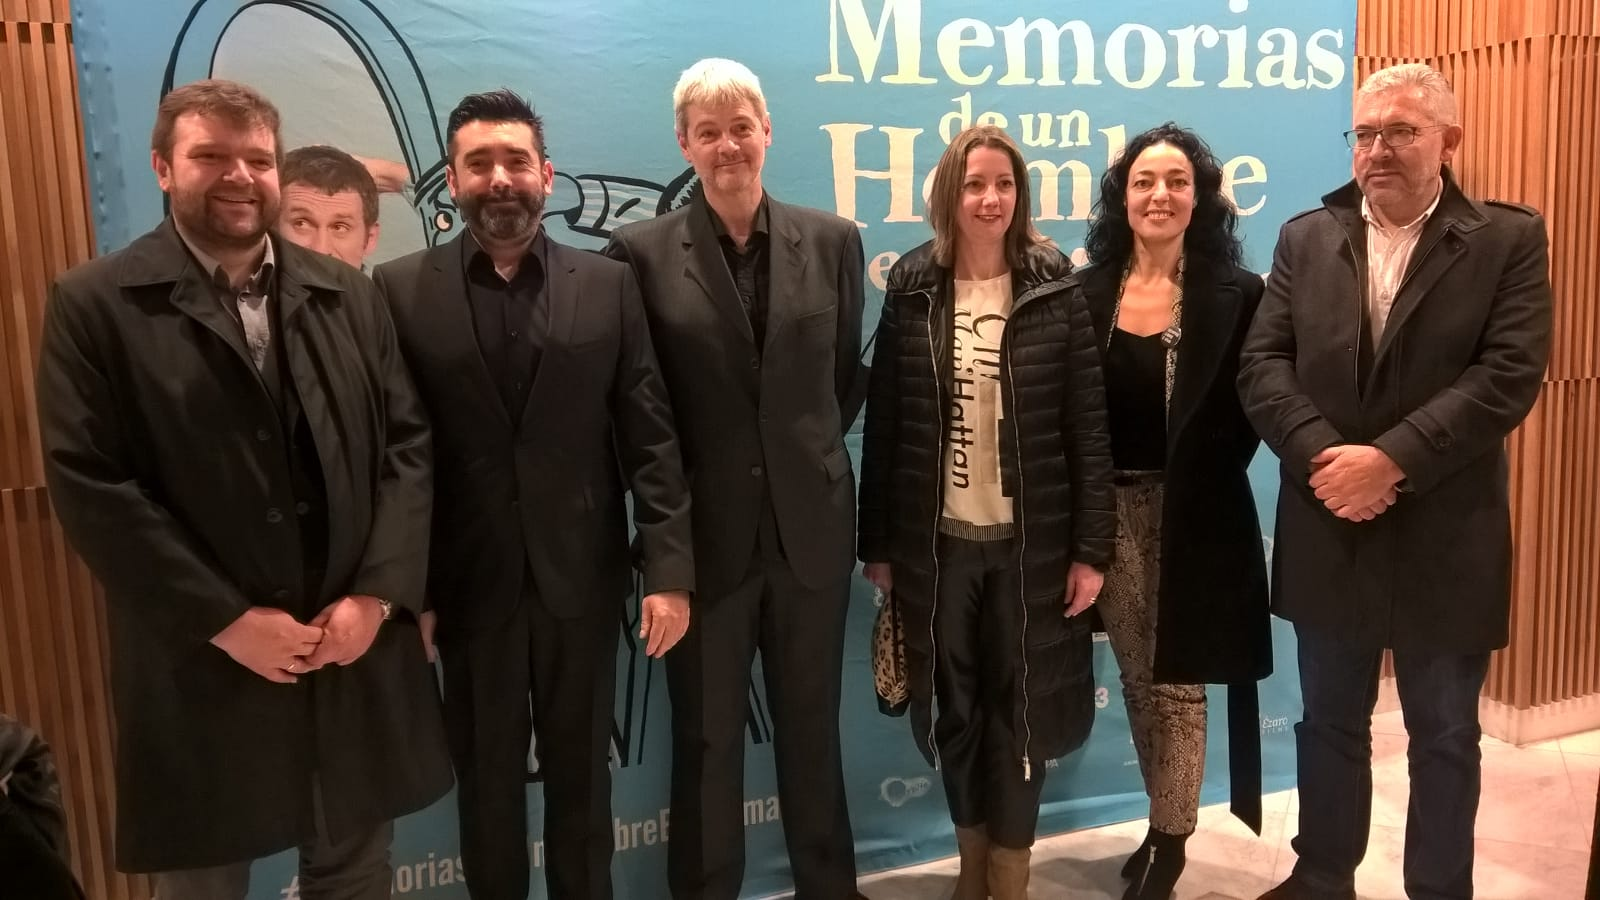 Santos Ramos e Méndez López asisten á proxección da longametraxe Memorias de un hombre en pijama